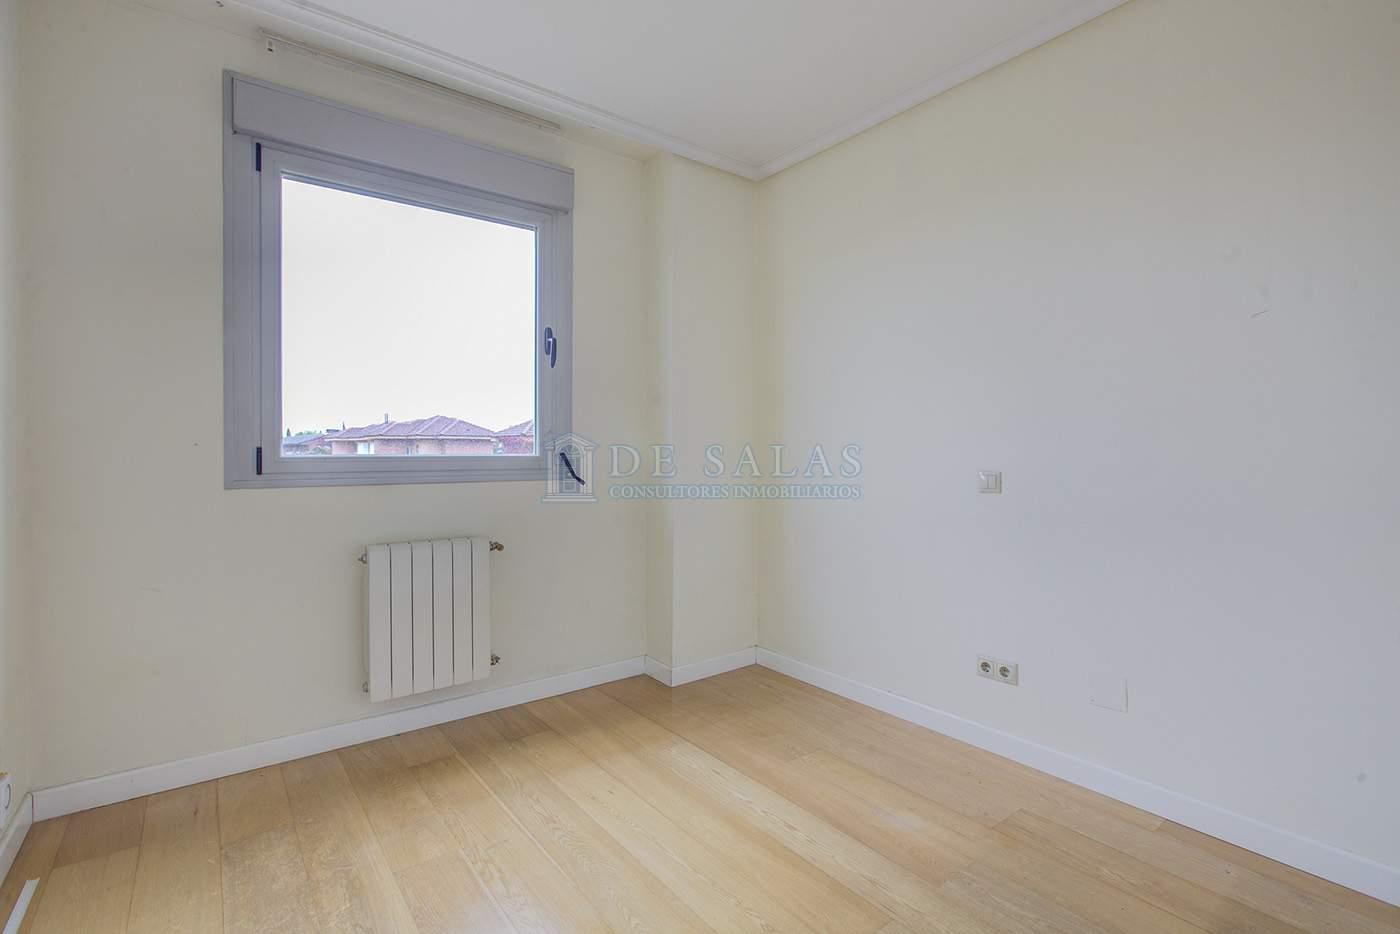 Dormitorio-IMG_7138_39_40 copia